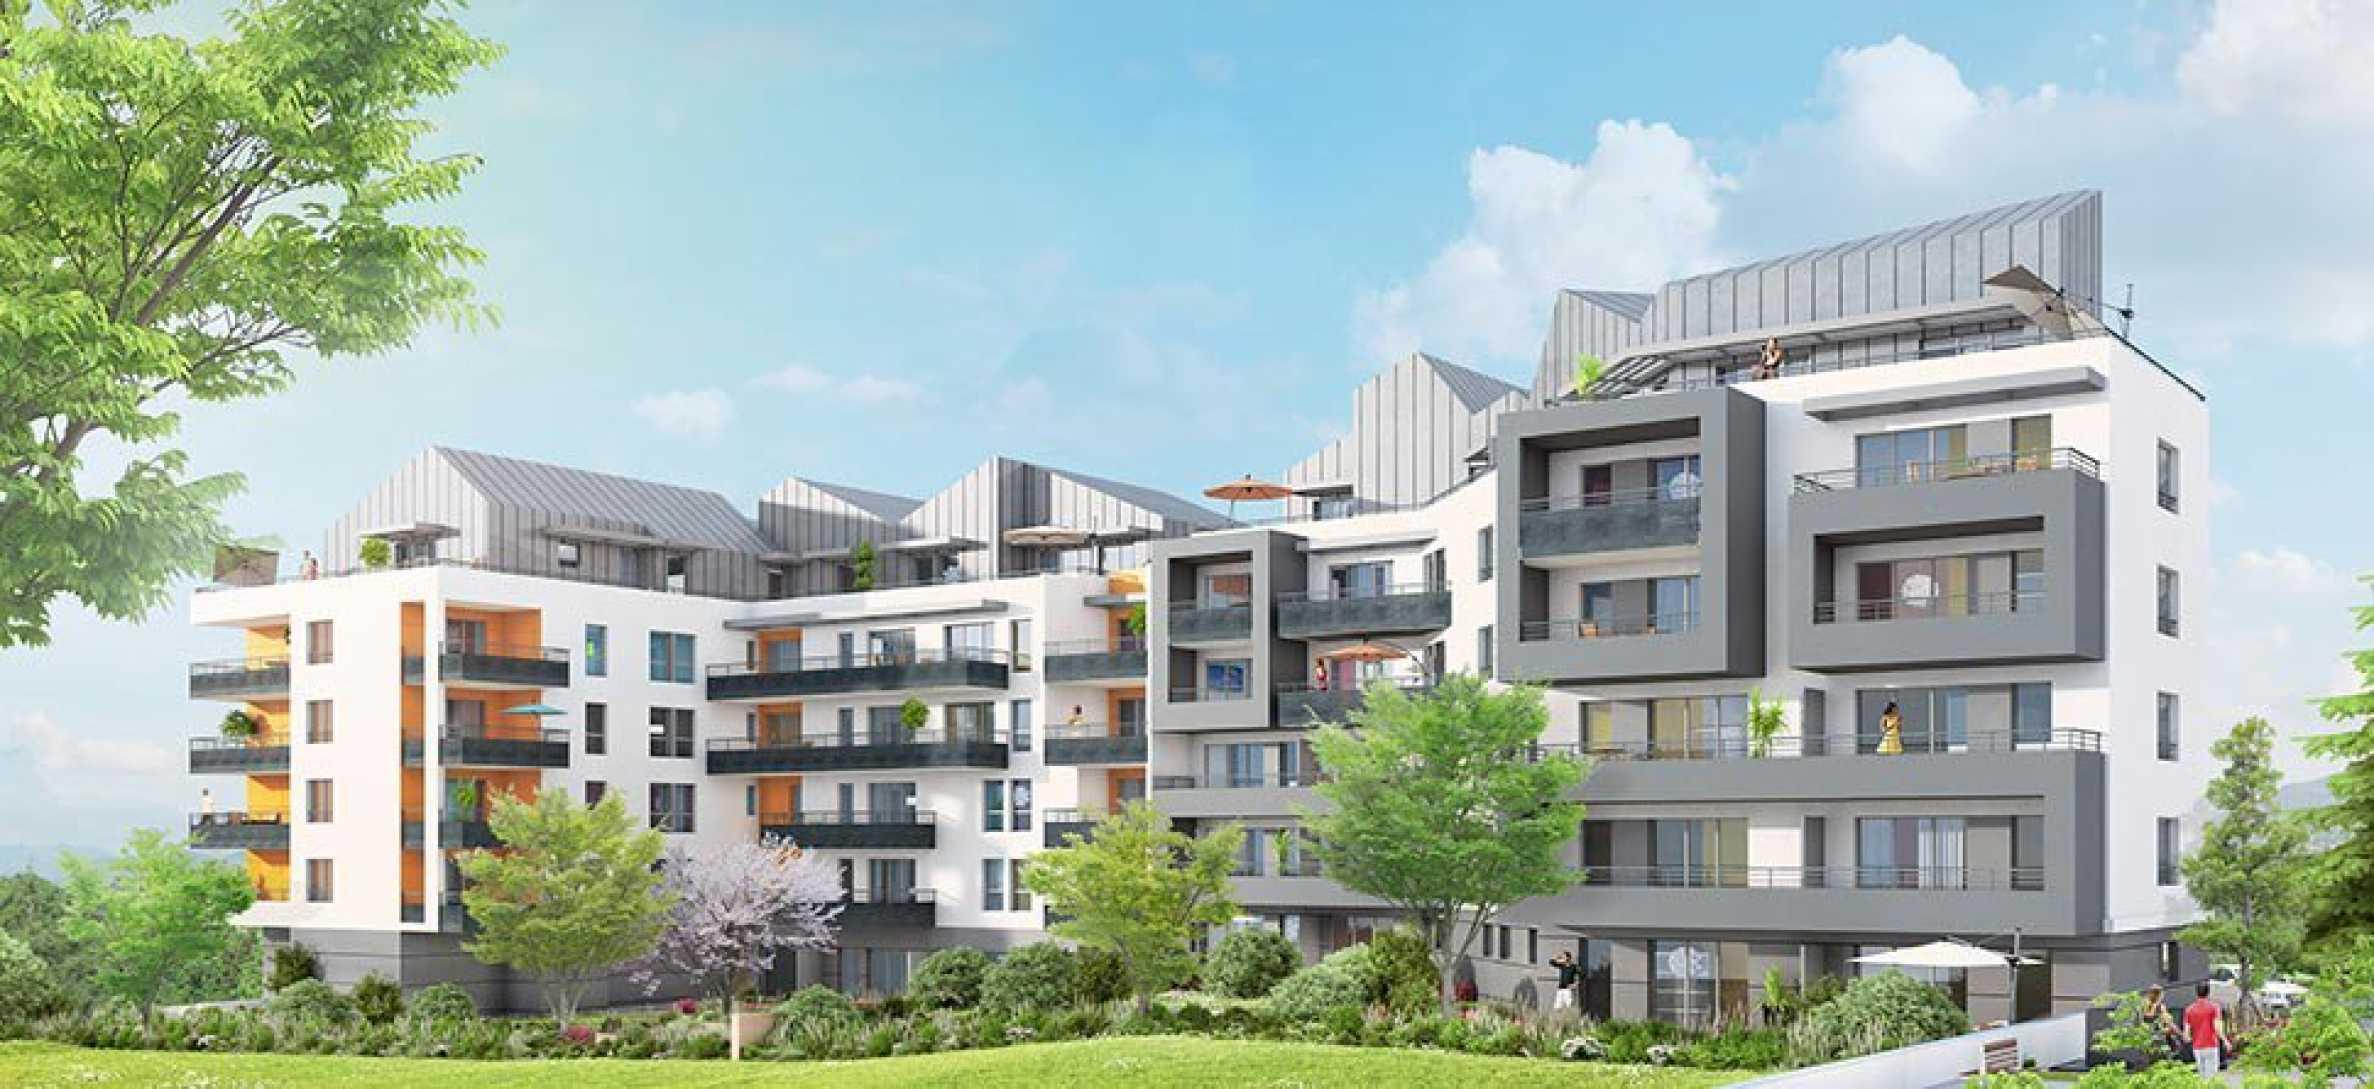 Residential complex in Saint-Julien-en-Genevois (FR) near Geneva1 - Stonehard